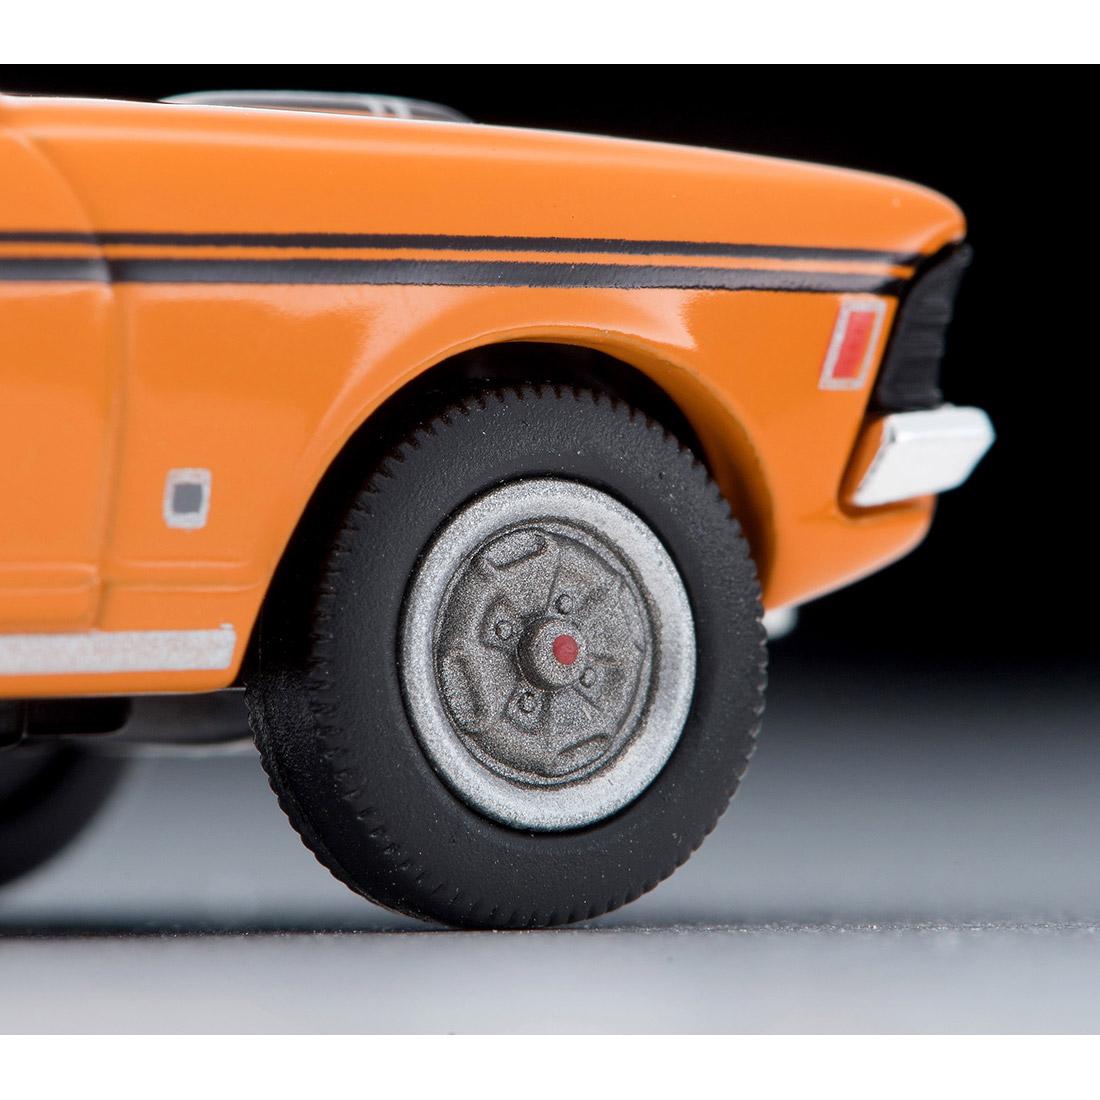 トミカリミテッドヴィンテージ ネオ LV-N204a『コルトギャランGTO MR(橙)』1/64 ミニカー-007